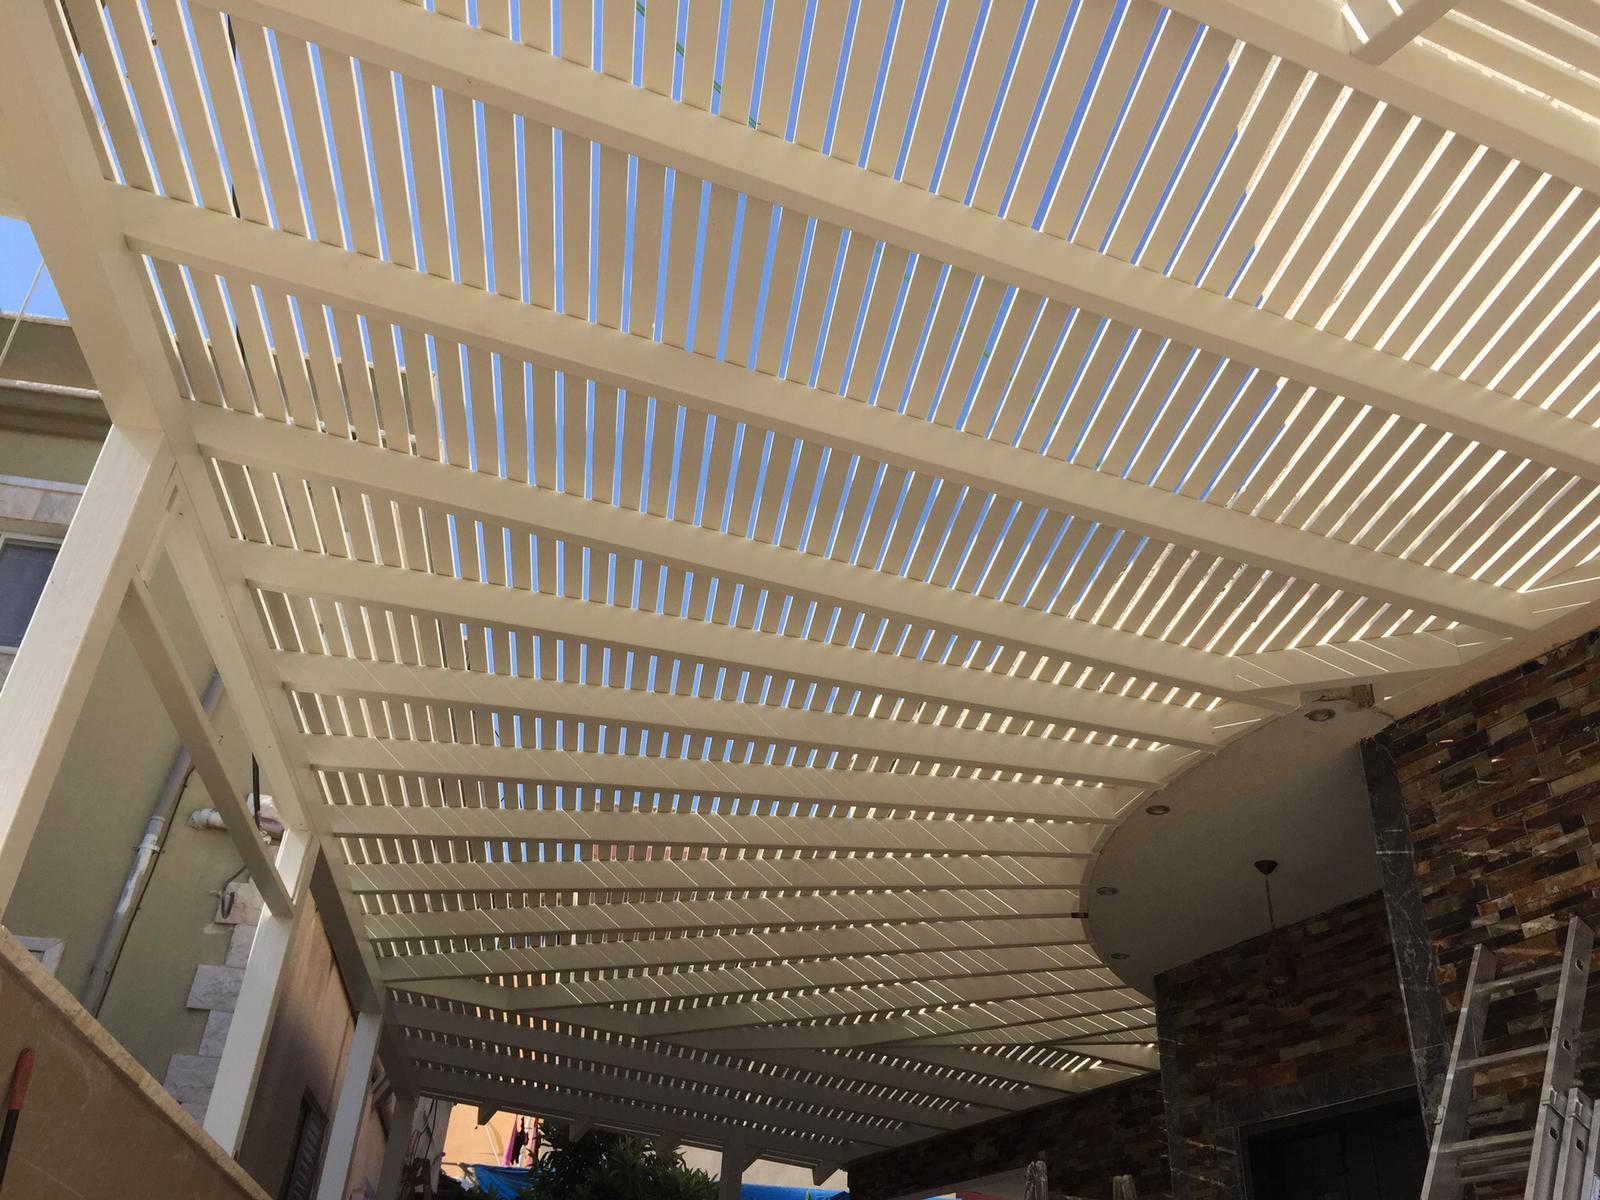 פרגולה חיפה בצבע לבן